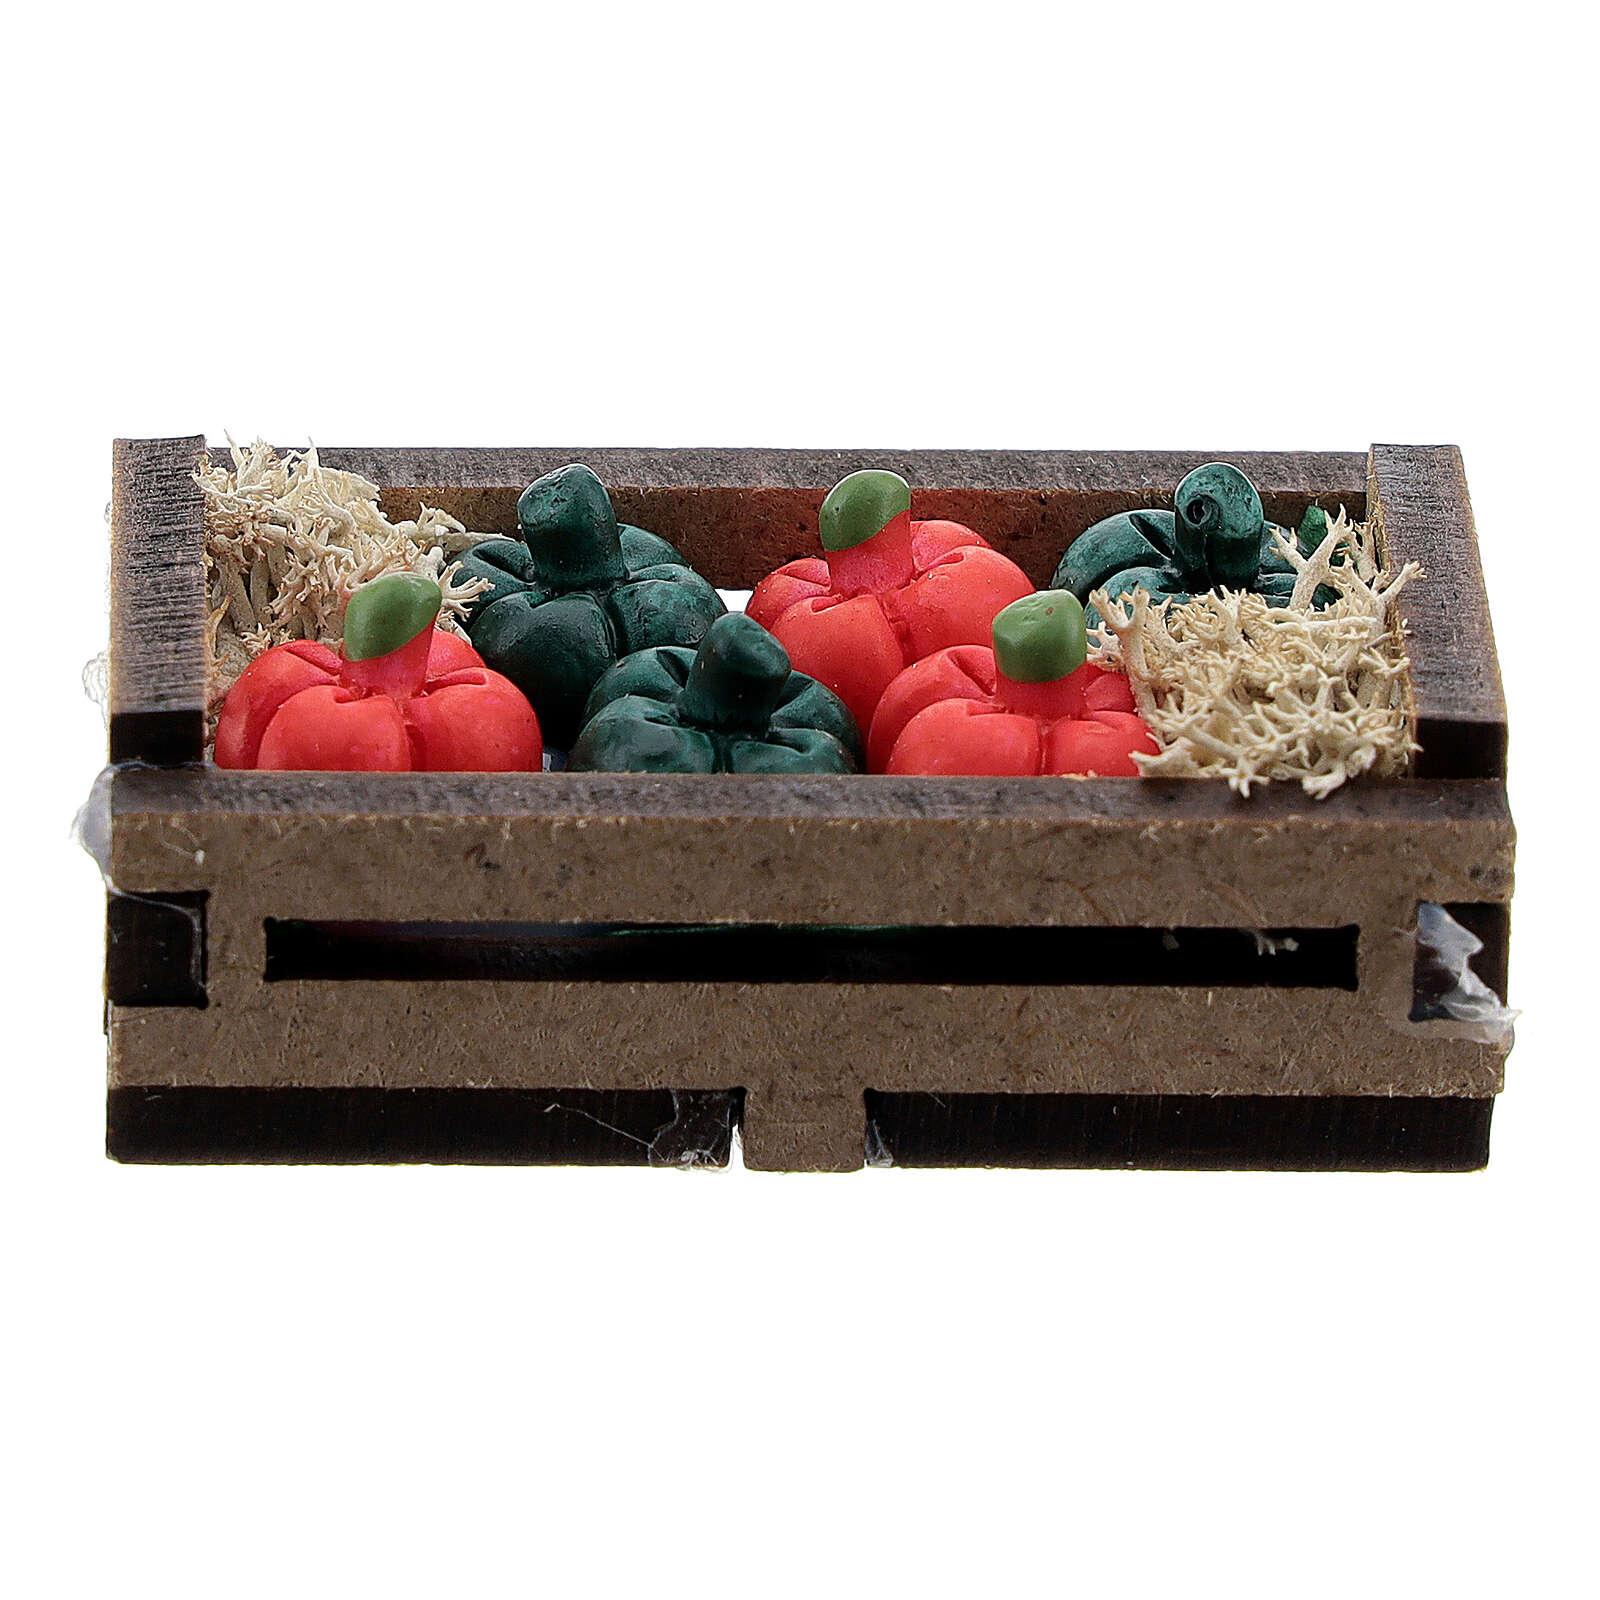 Resin peppers in box Nativity scene 10-12 cm 4